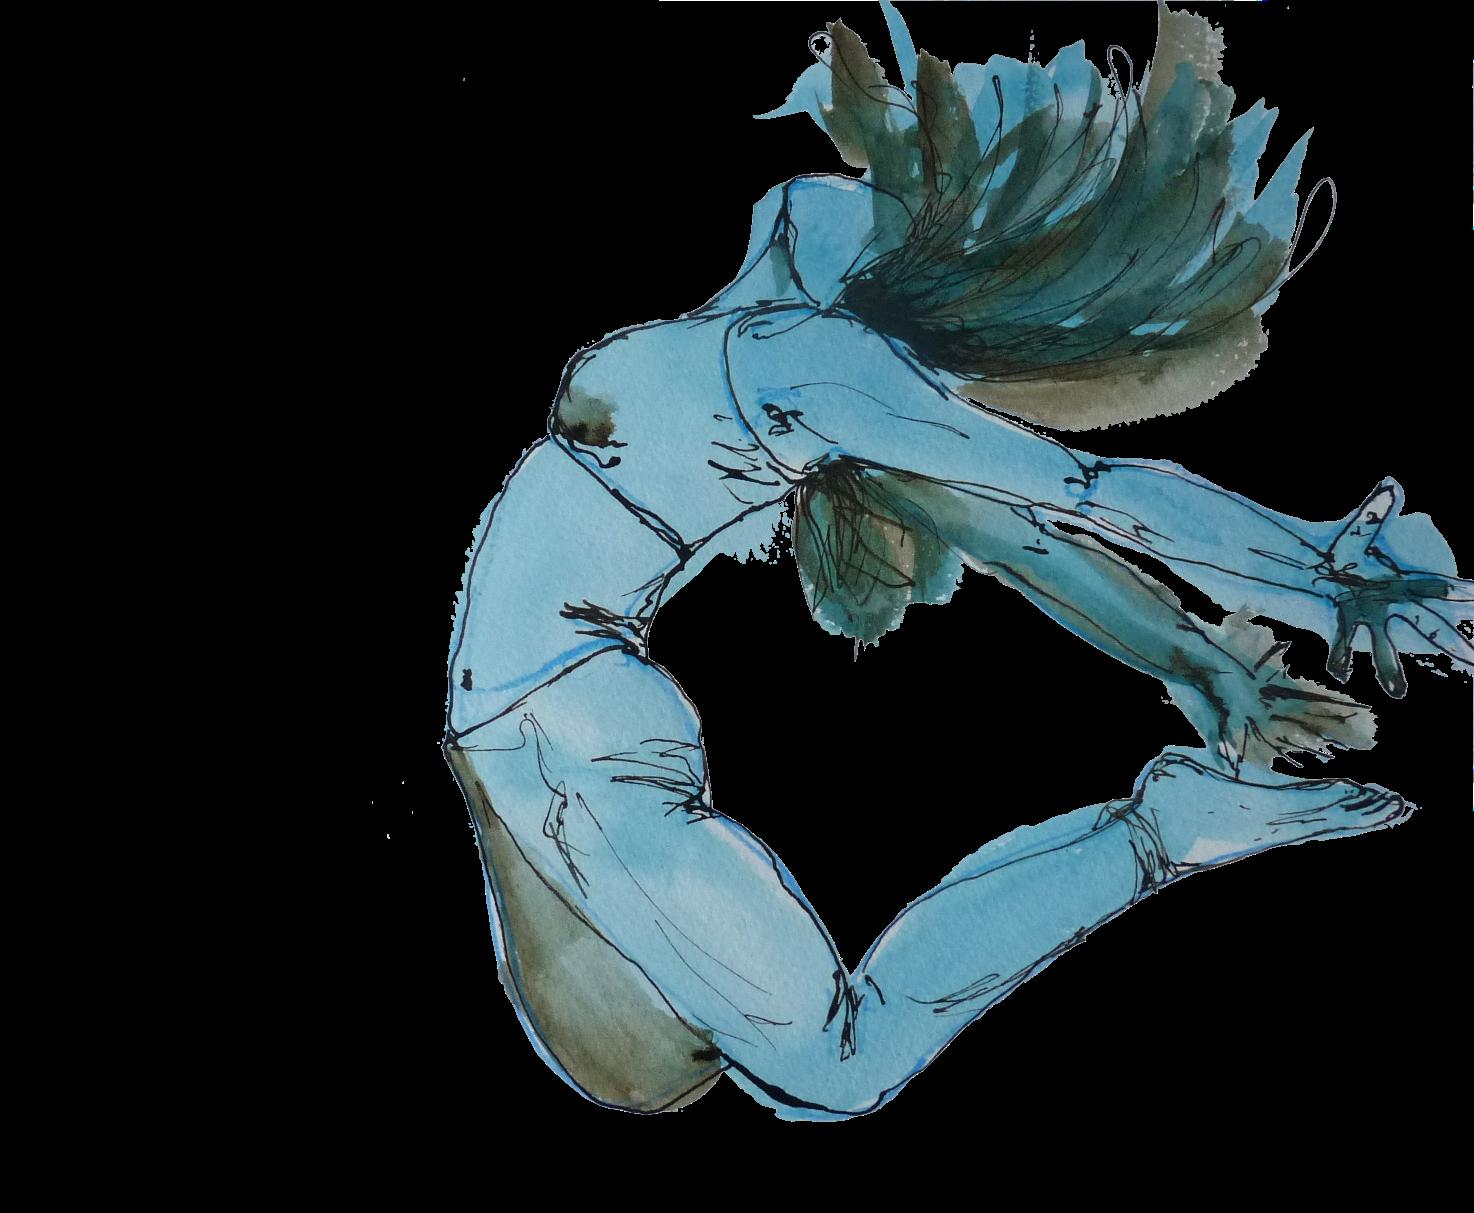 saut danse dessin Elize pigmentropie sport féminin